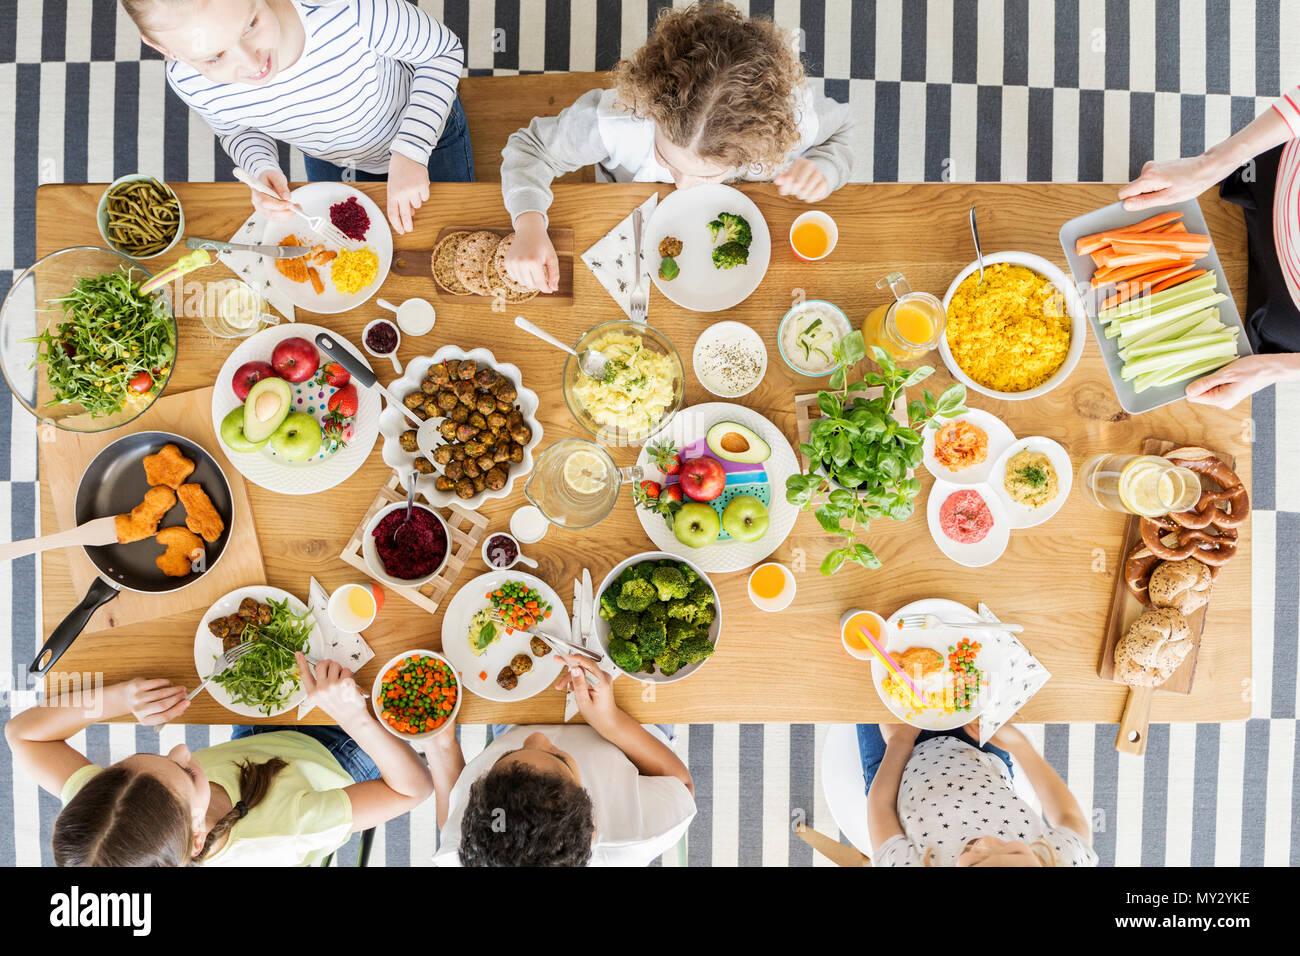 Vue de dessus sur les enfants une alimentation saine pendant la fête d'anniversaire de votre ami Photo Stock